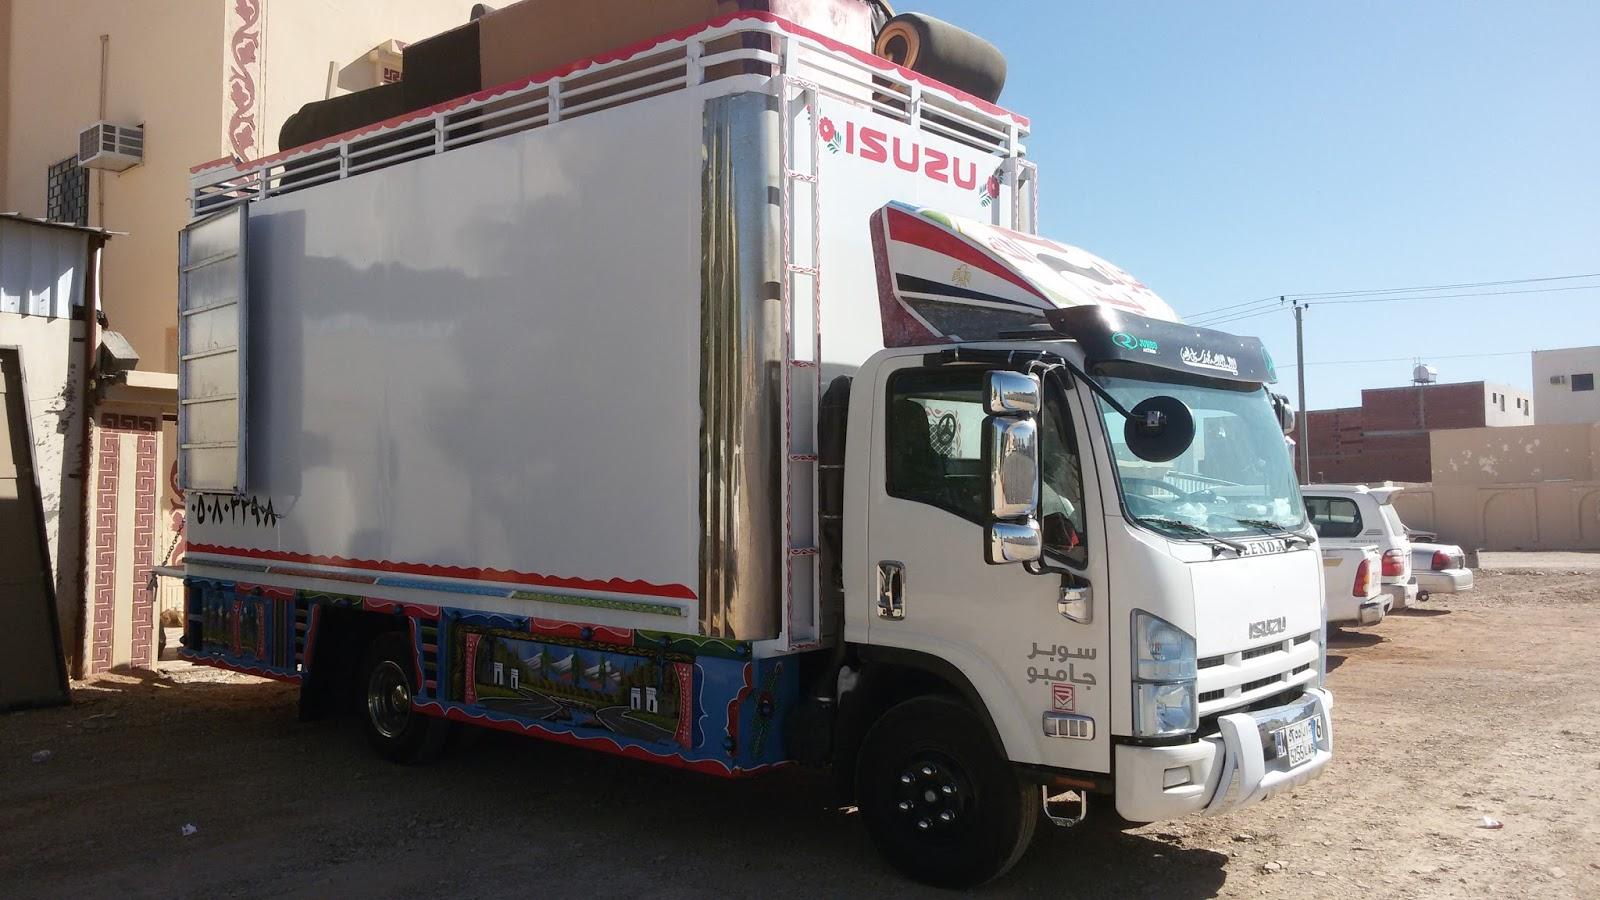 بالصور شركة نقل اثاث بالمدينة المنورة , نقل الاثاث واهم التفاصيل عن الشركات 595 1